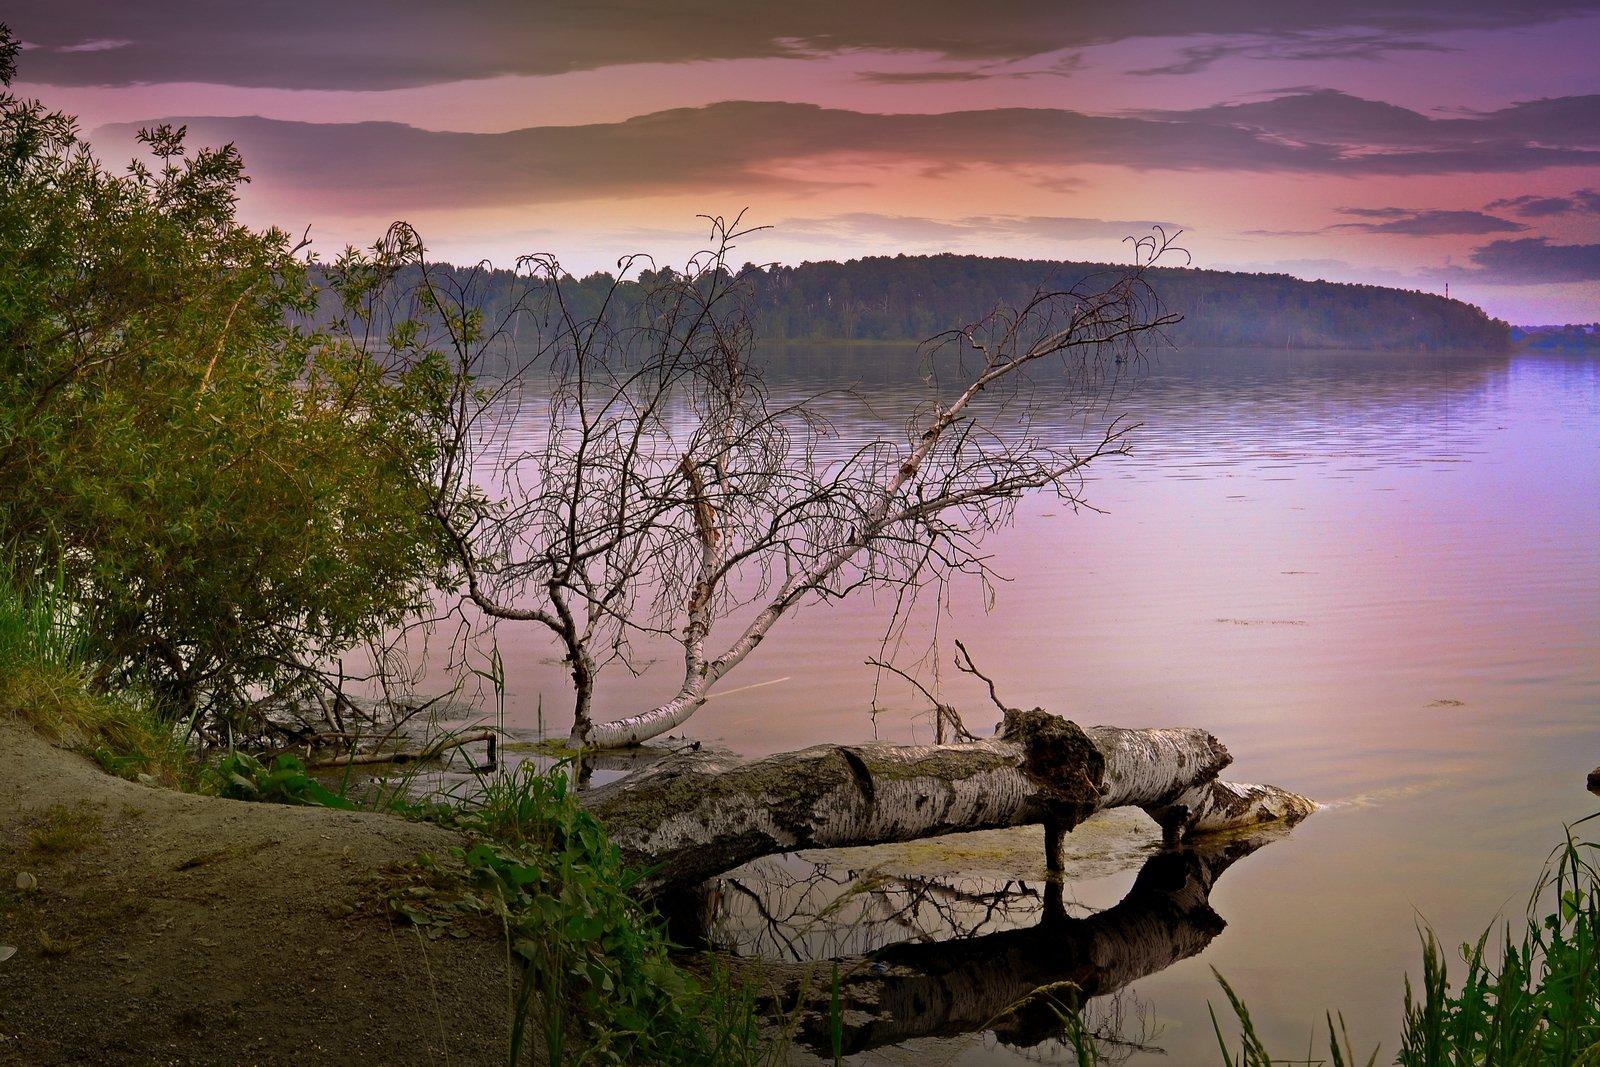 озеро,пейзаж,красота,небо,лето, Валерия